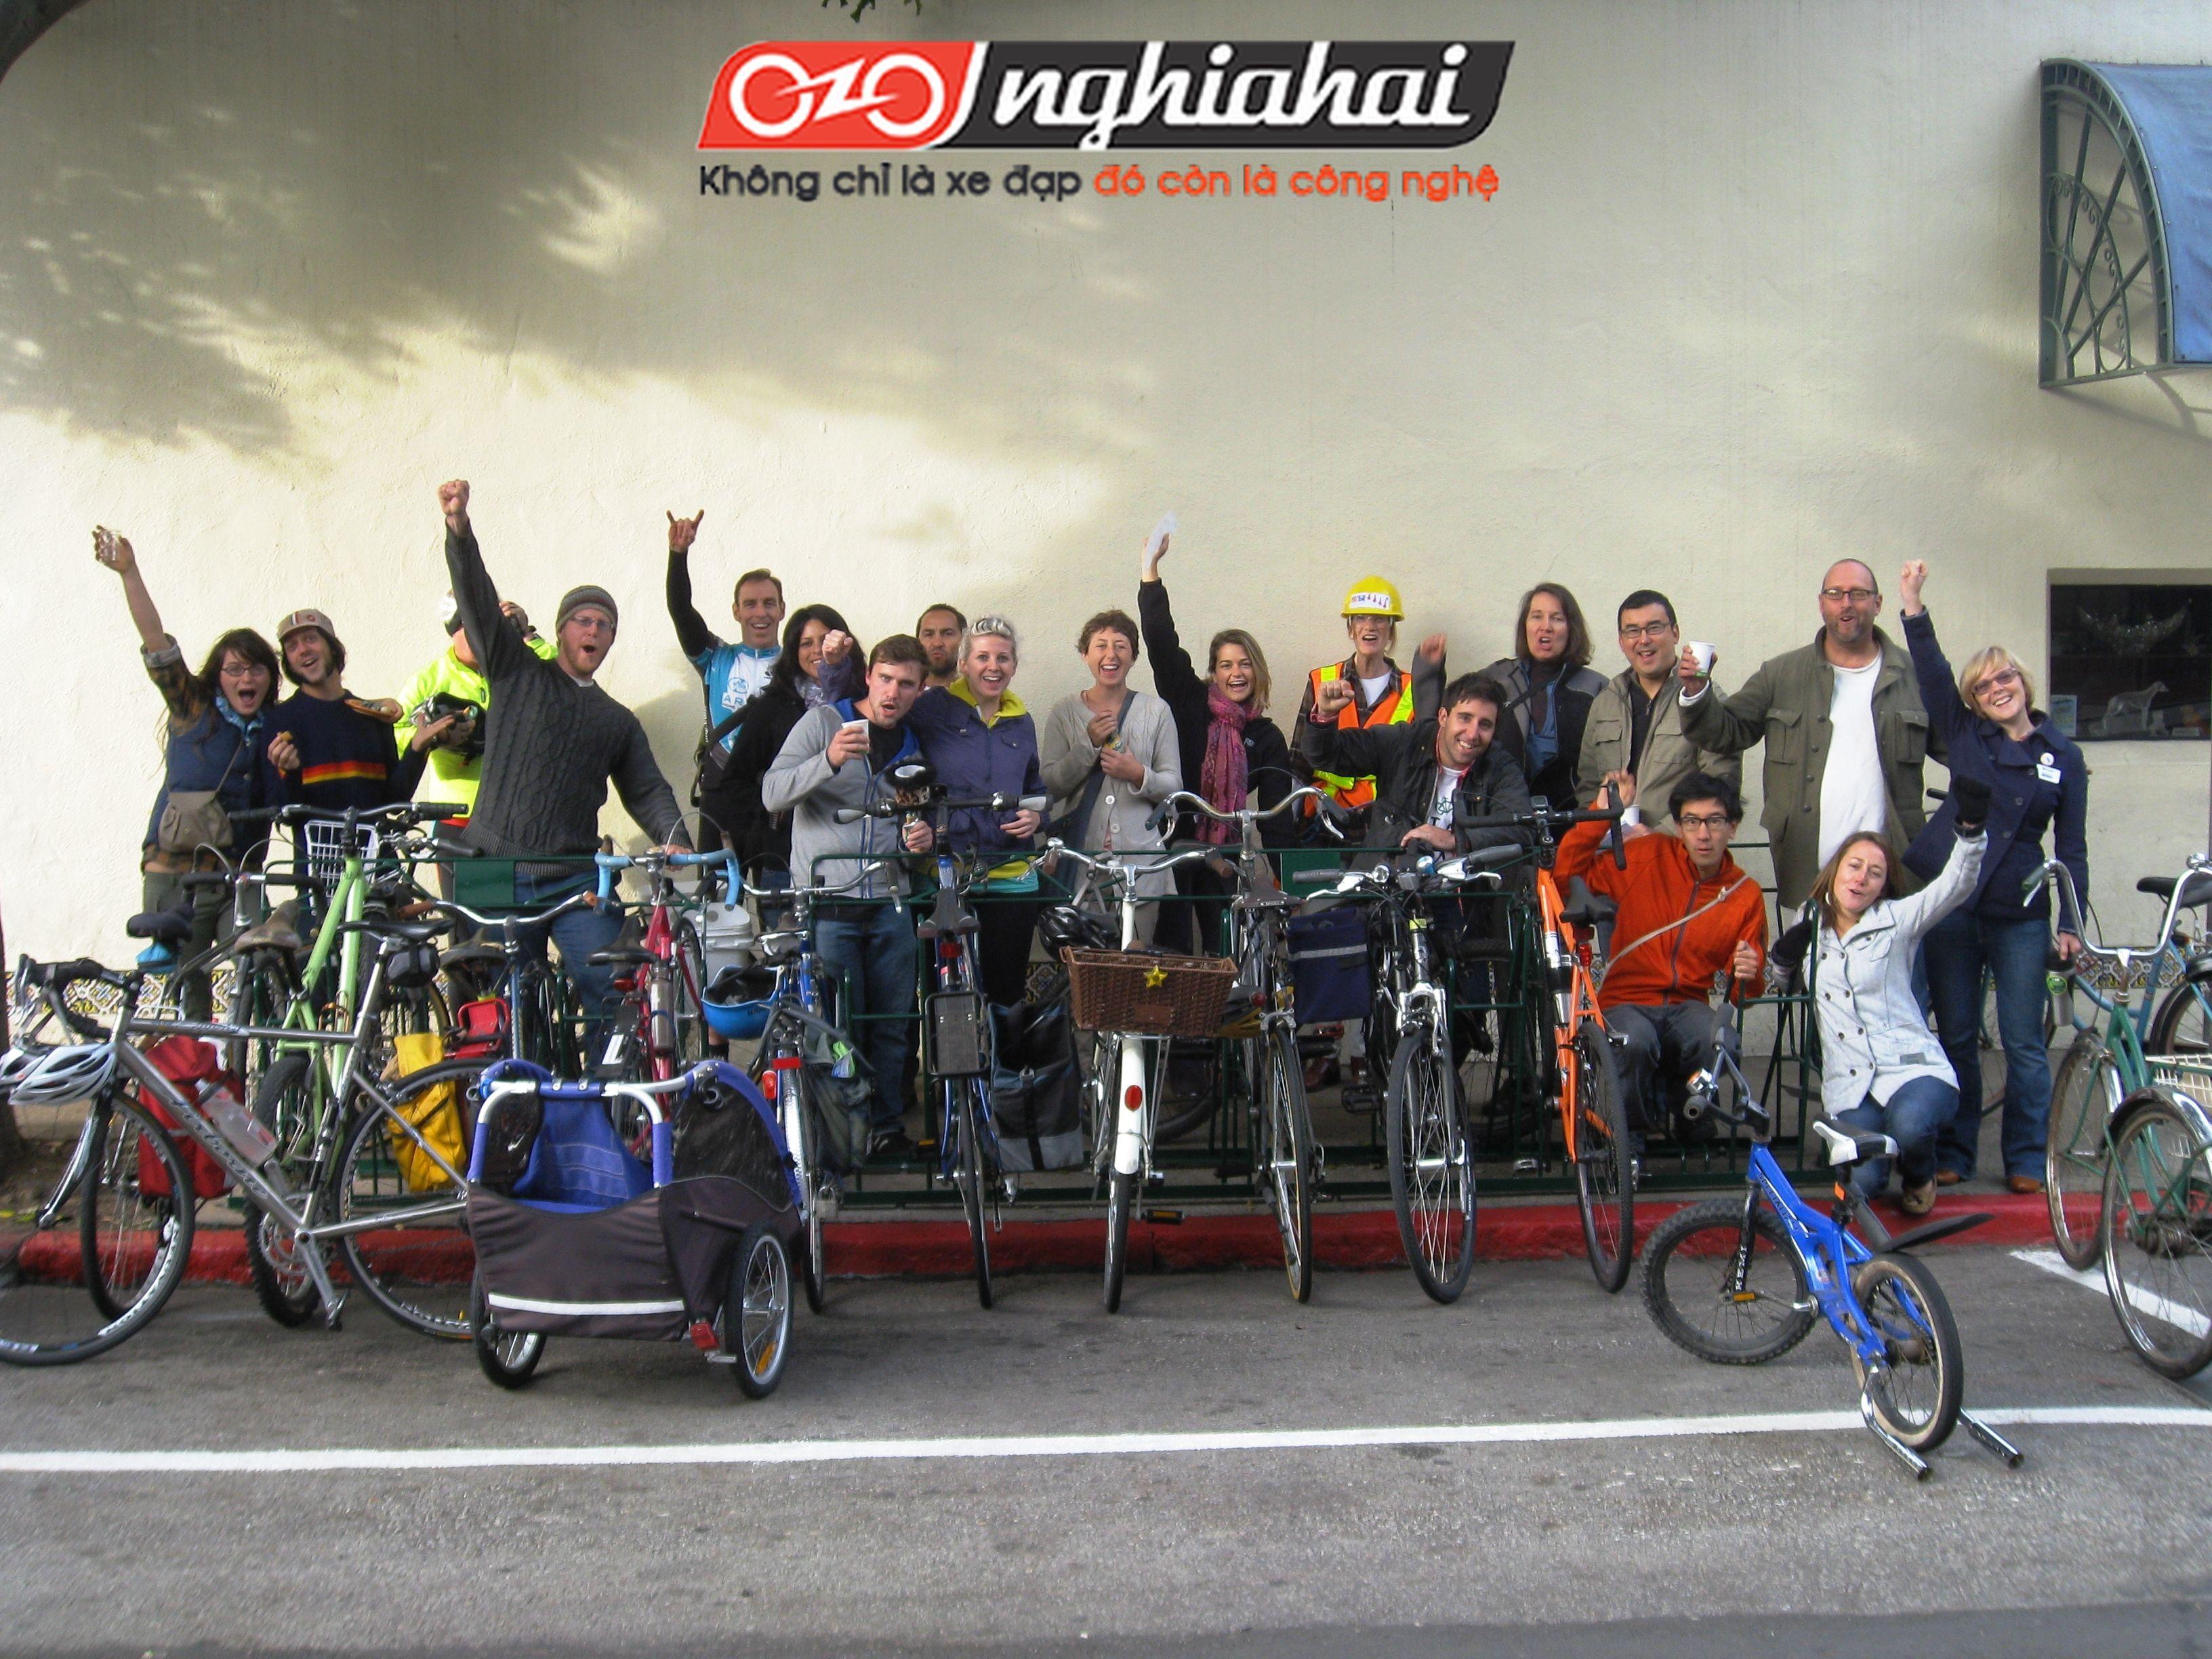 Hàng trăm người đổ xô bán dầu cho bàn đạp xe đạp 3